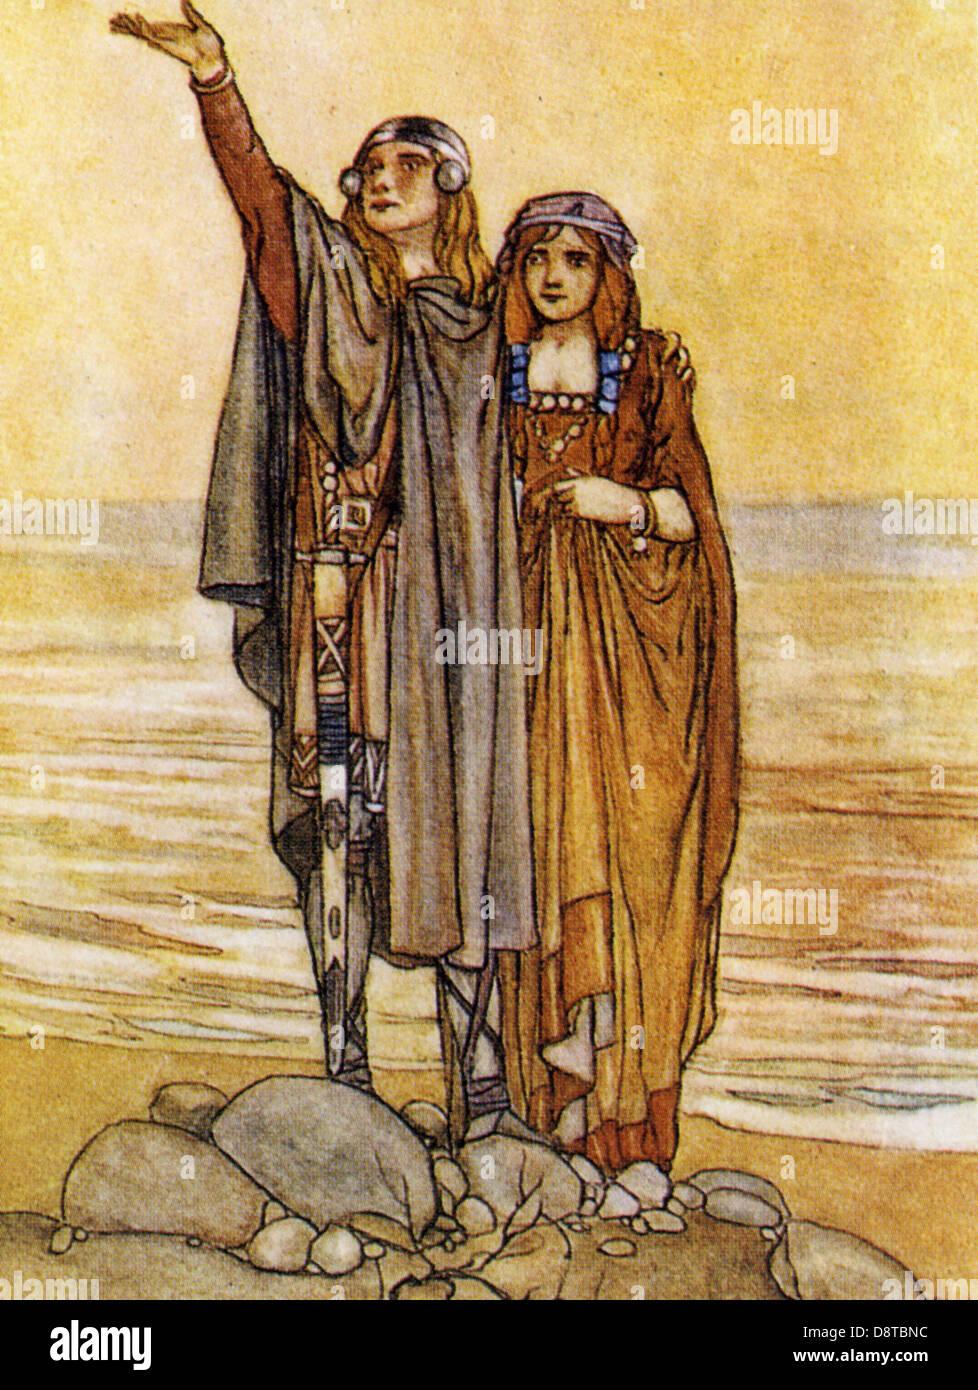 FINN MacCOOL irische mythologische Jäger-Krieger und Prinzessin Tasha gezeichnet von Stephen Reid um 1910 Stockbild